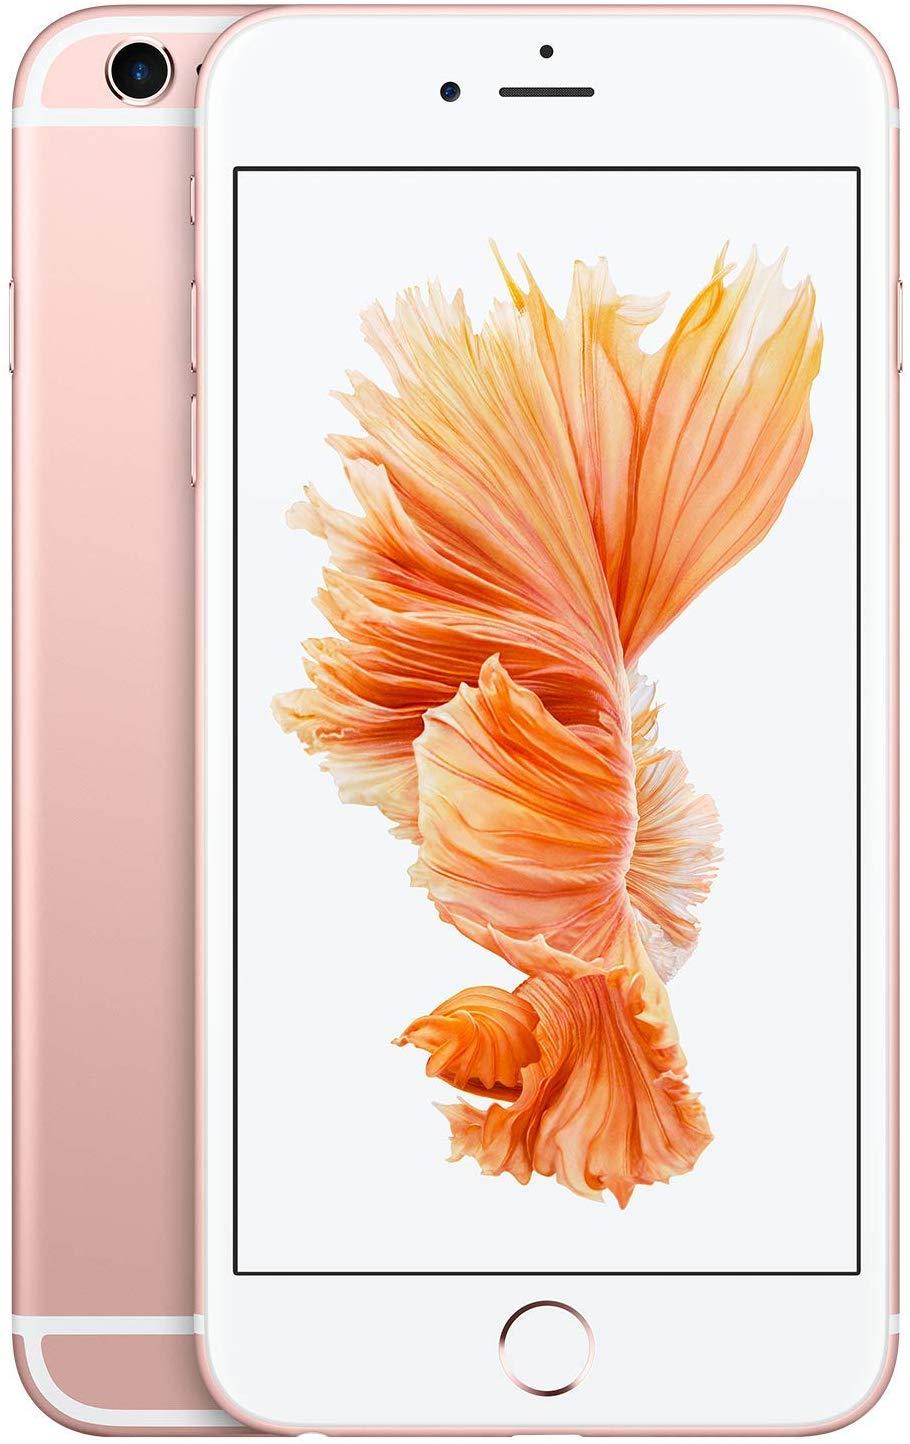 Apple iPhone 6s Plus (128 GB) - Rose Gold - £349 @ Amazon